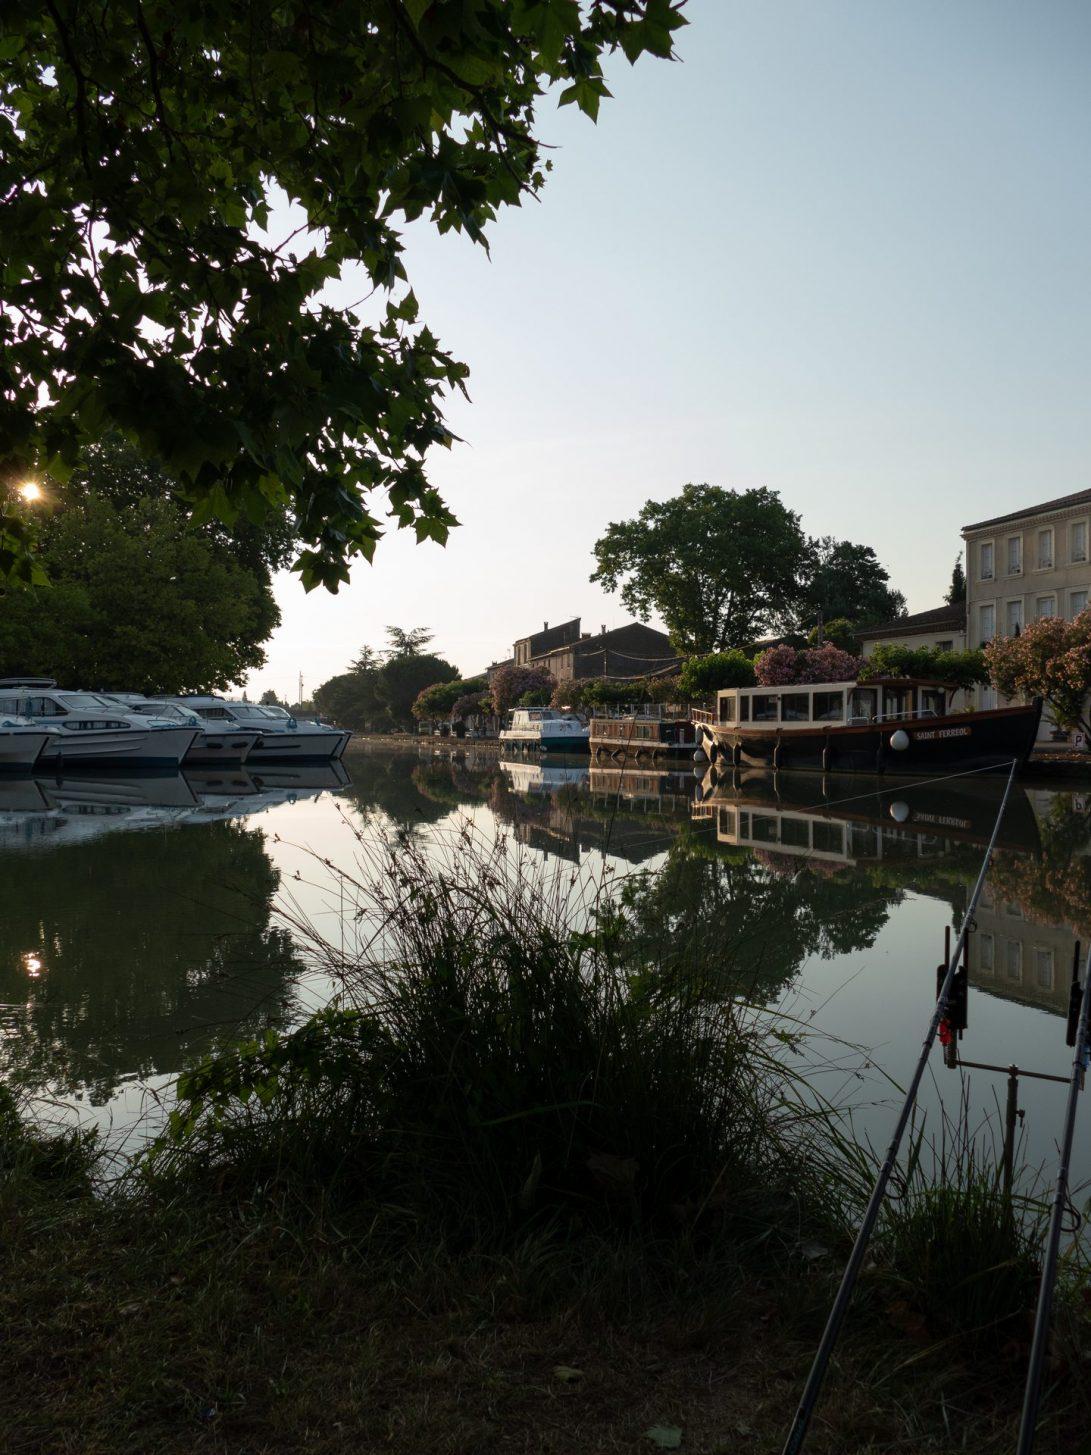 Pêche sur le port de Homps, canal du Midi © J. Del Arco Aguire, Fédération de pêche Aude